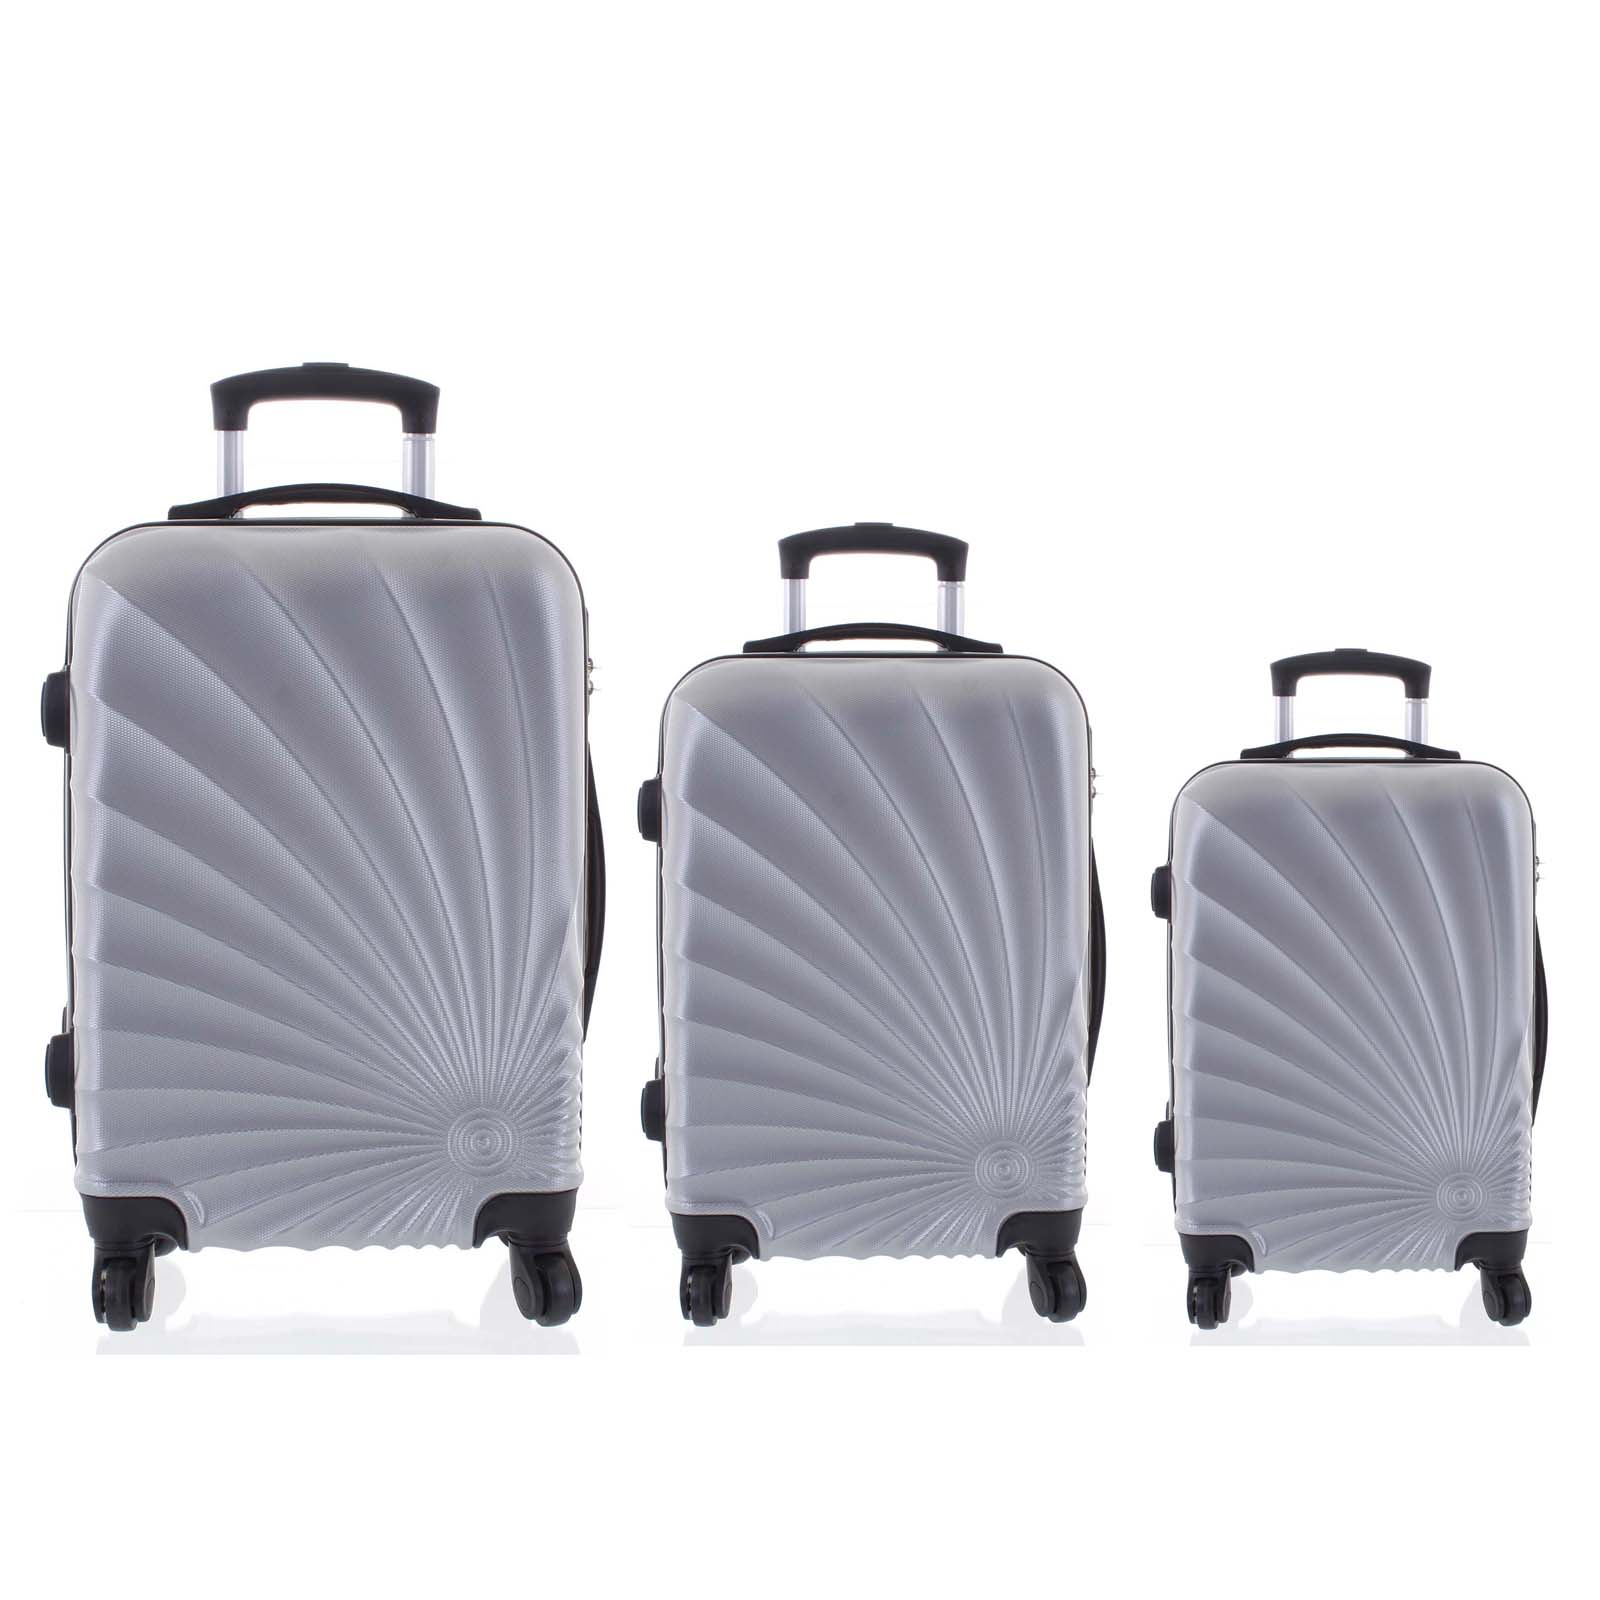 Originální pevný cestovní kufr světle stříbrný sada - Ormi Sheli L, M, S